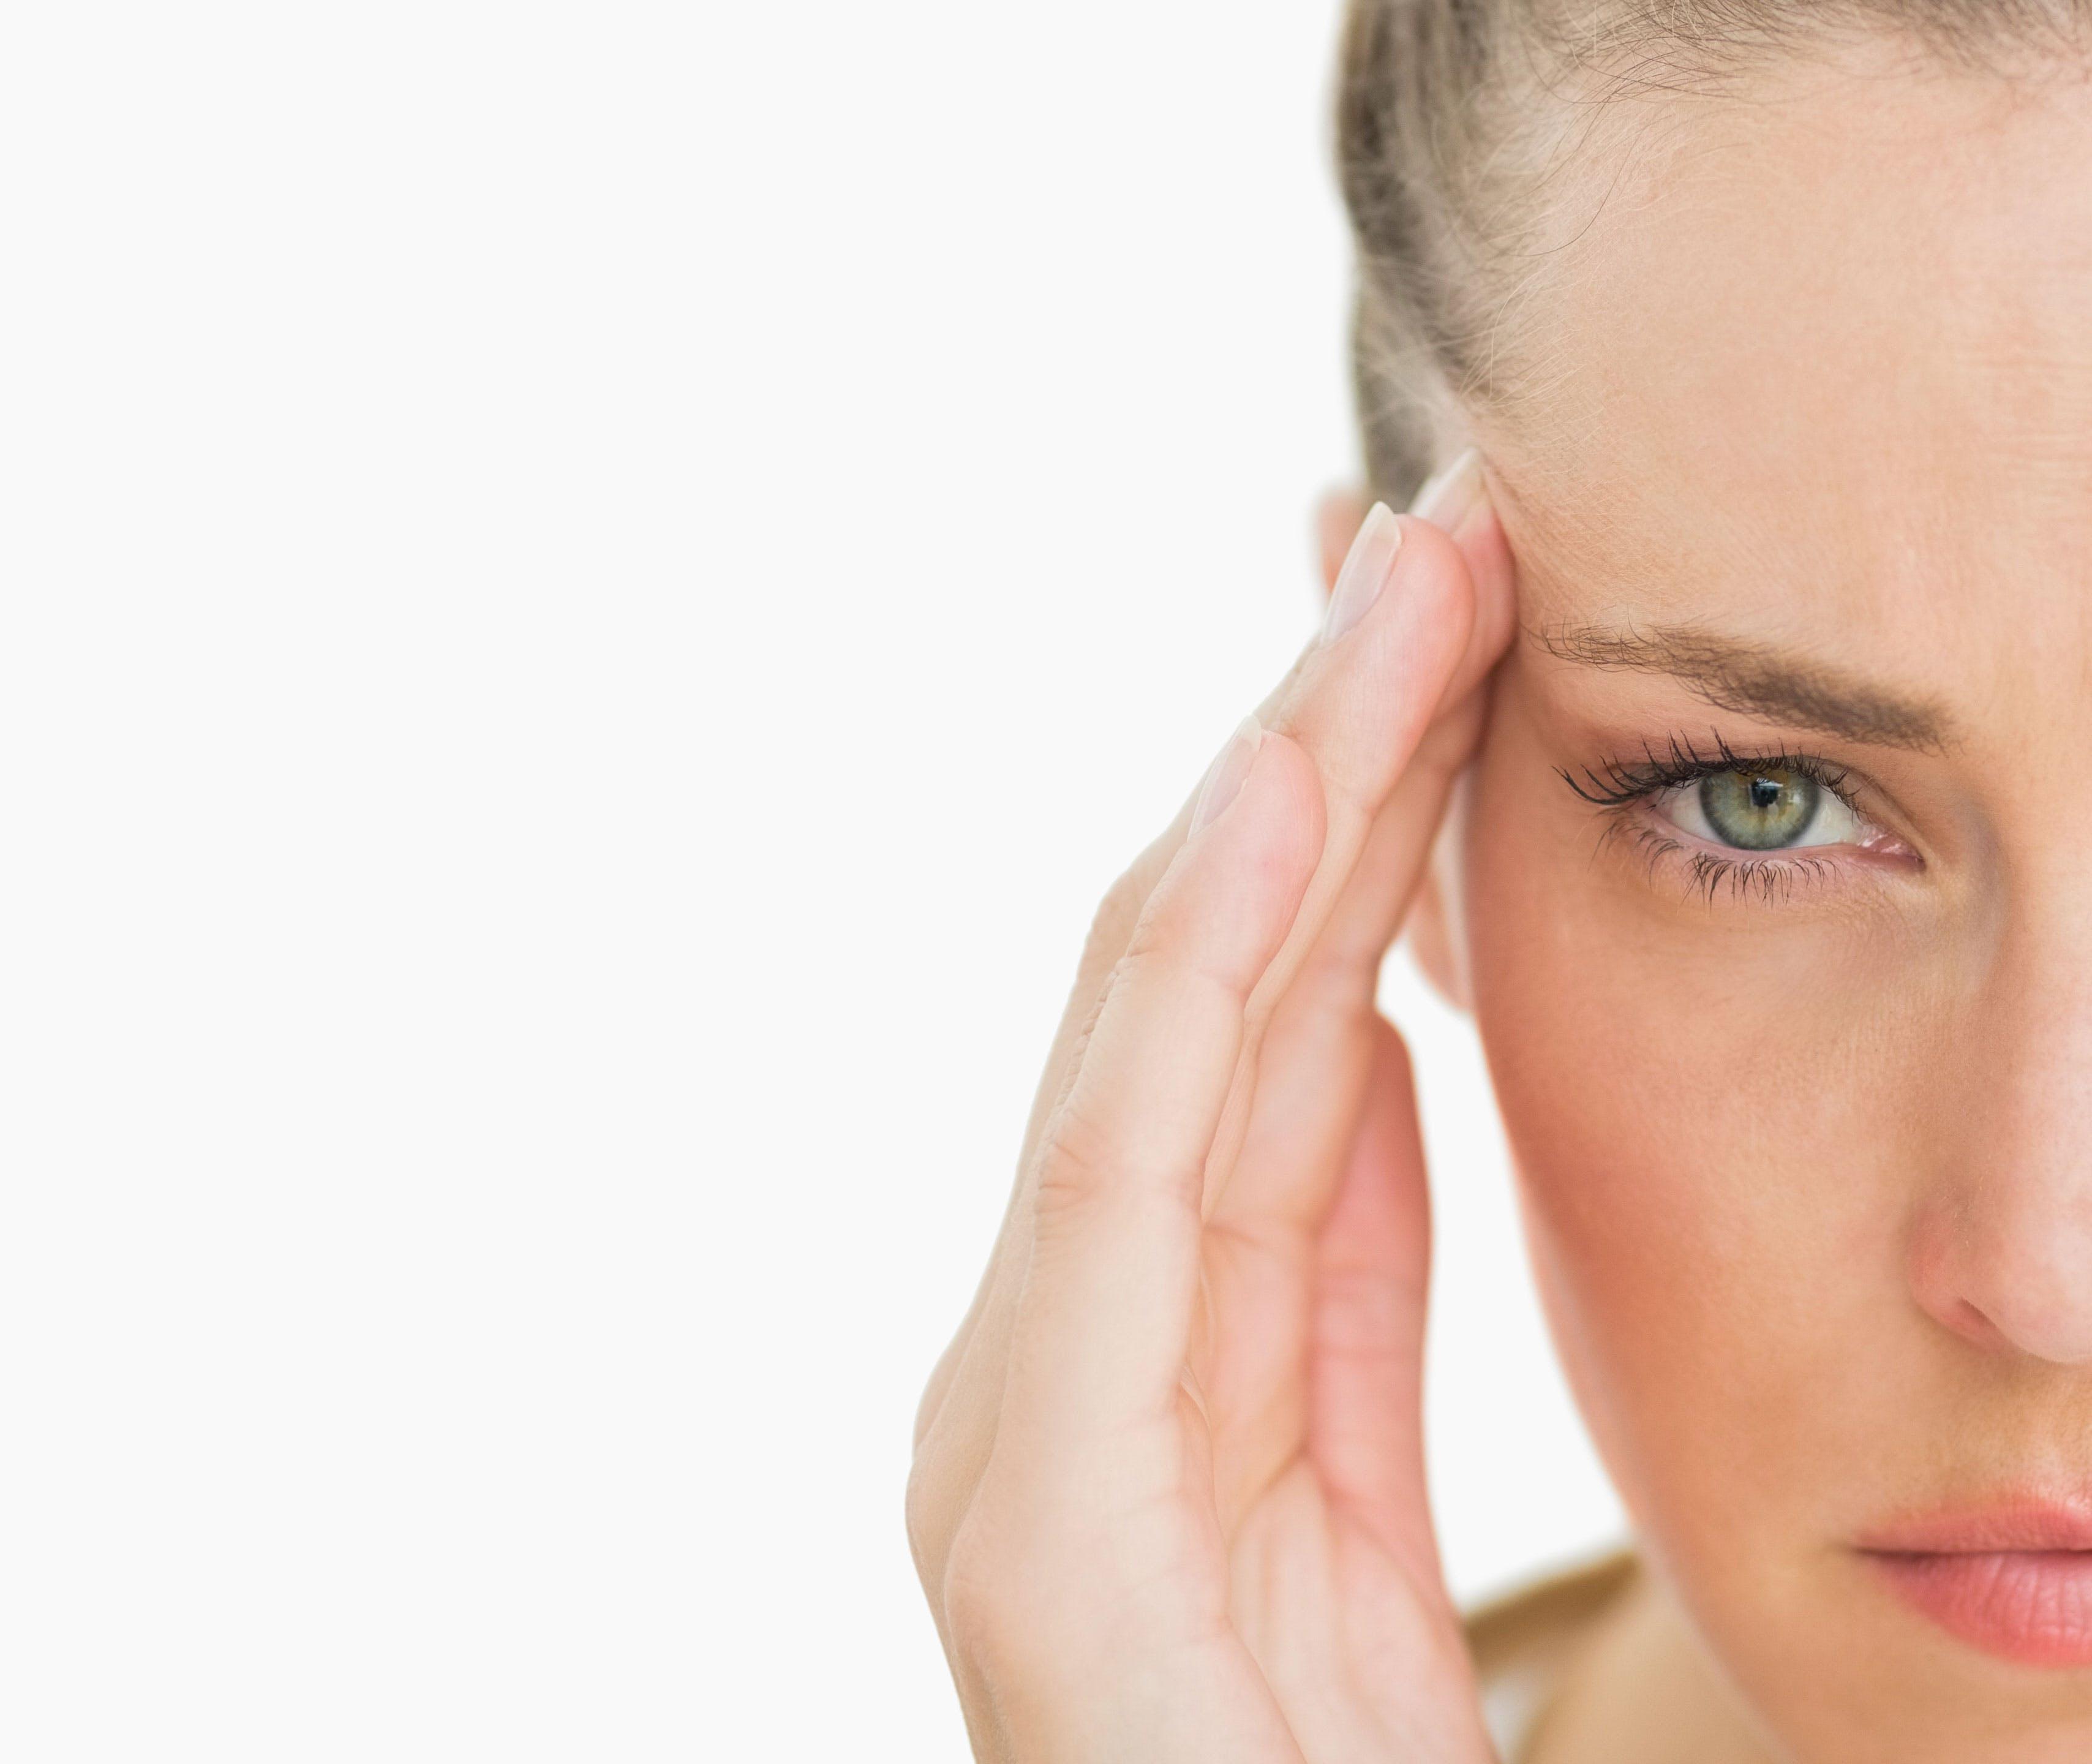 La gripe keto, otros efectos secundarios de la dieta cetogénica y cómo remediarlos